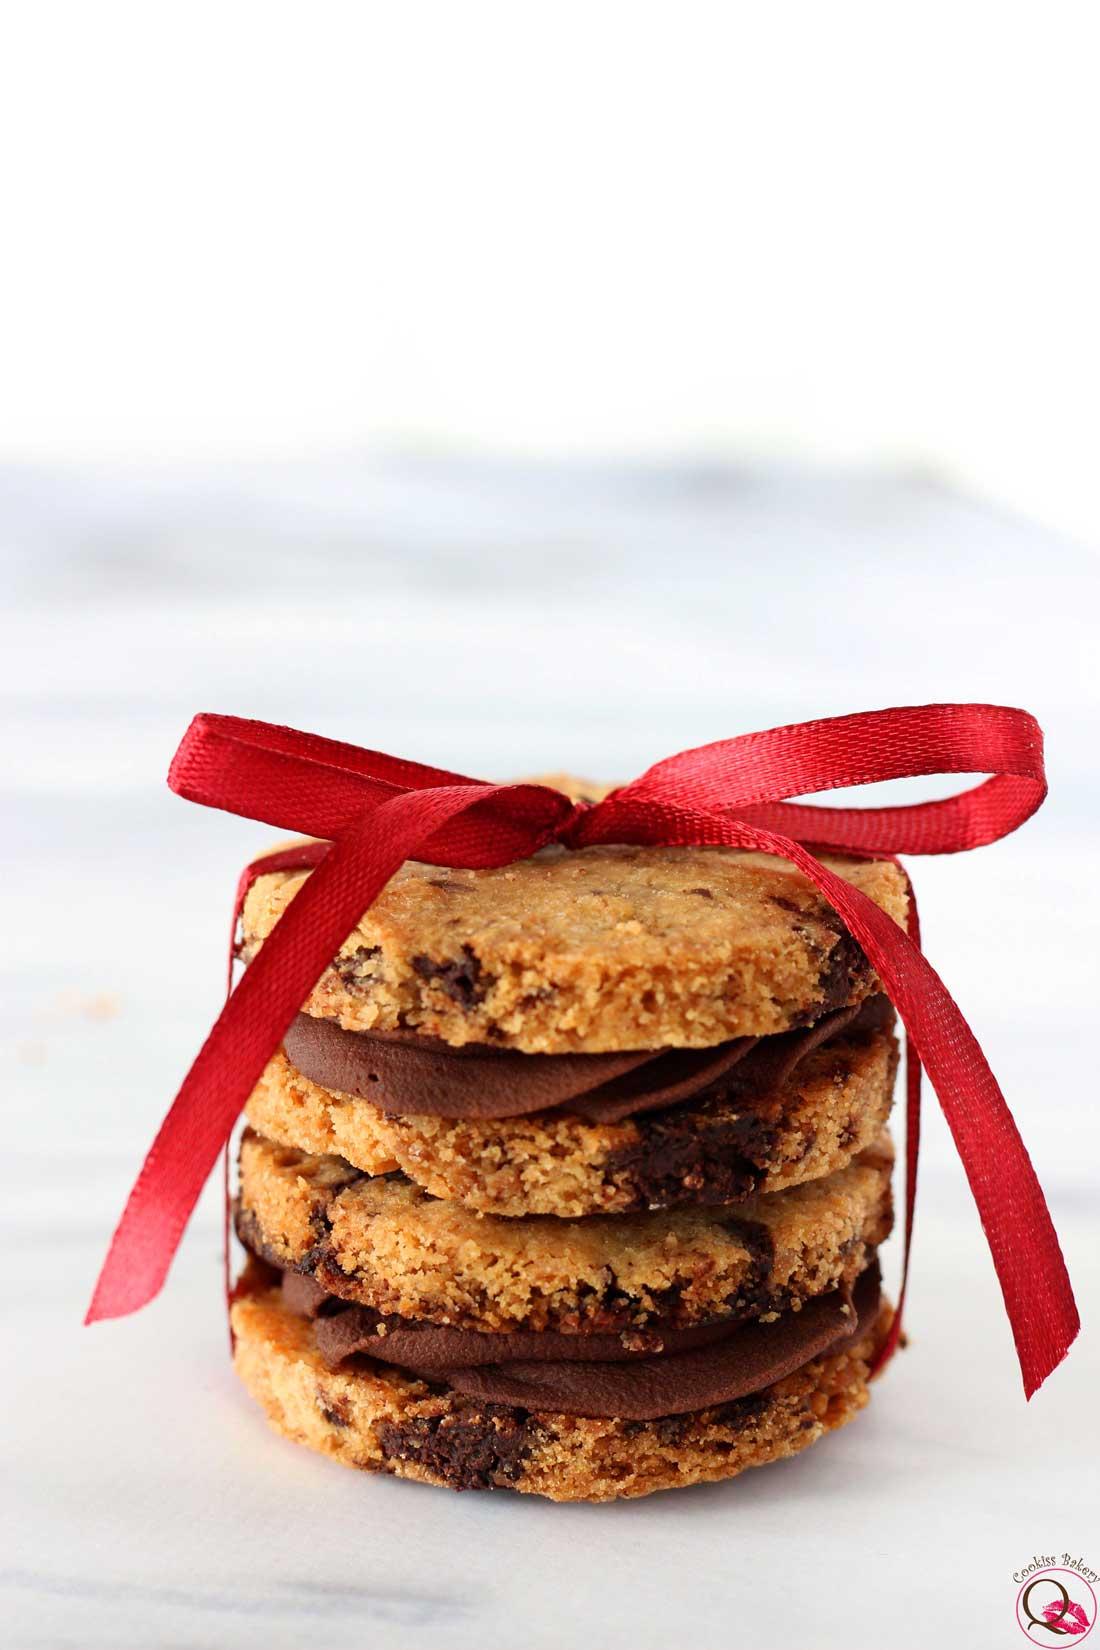 biscotto al burro con crema al cioccolato fondente fiocco regalo natale